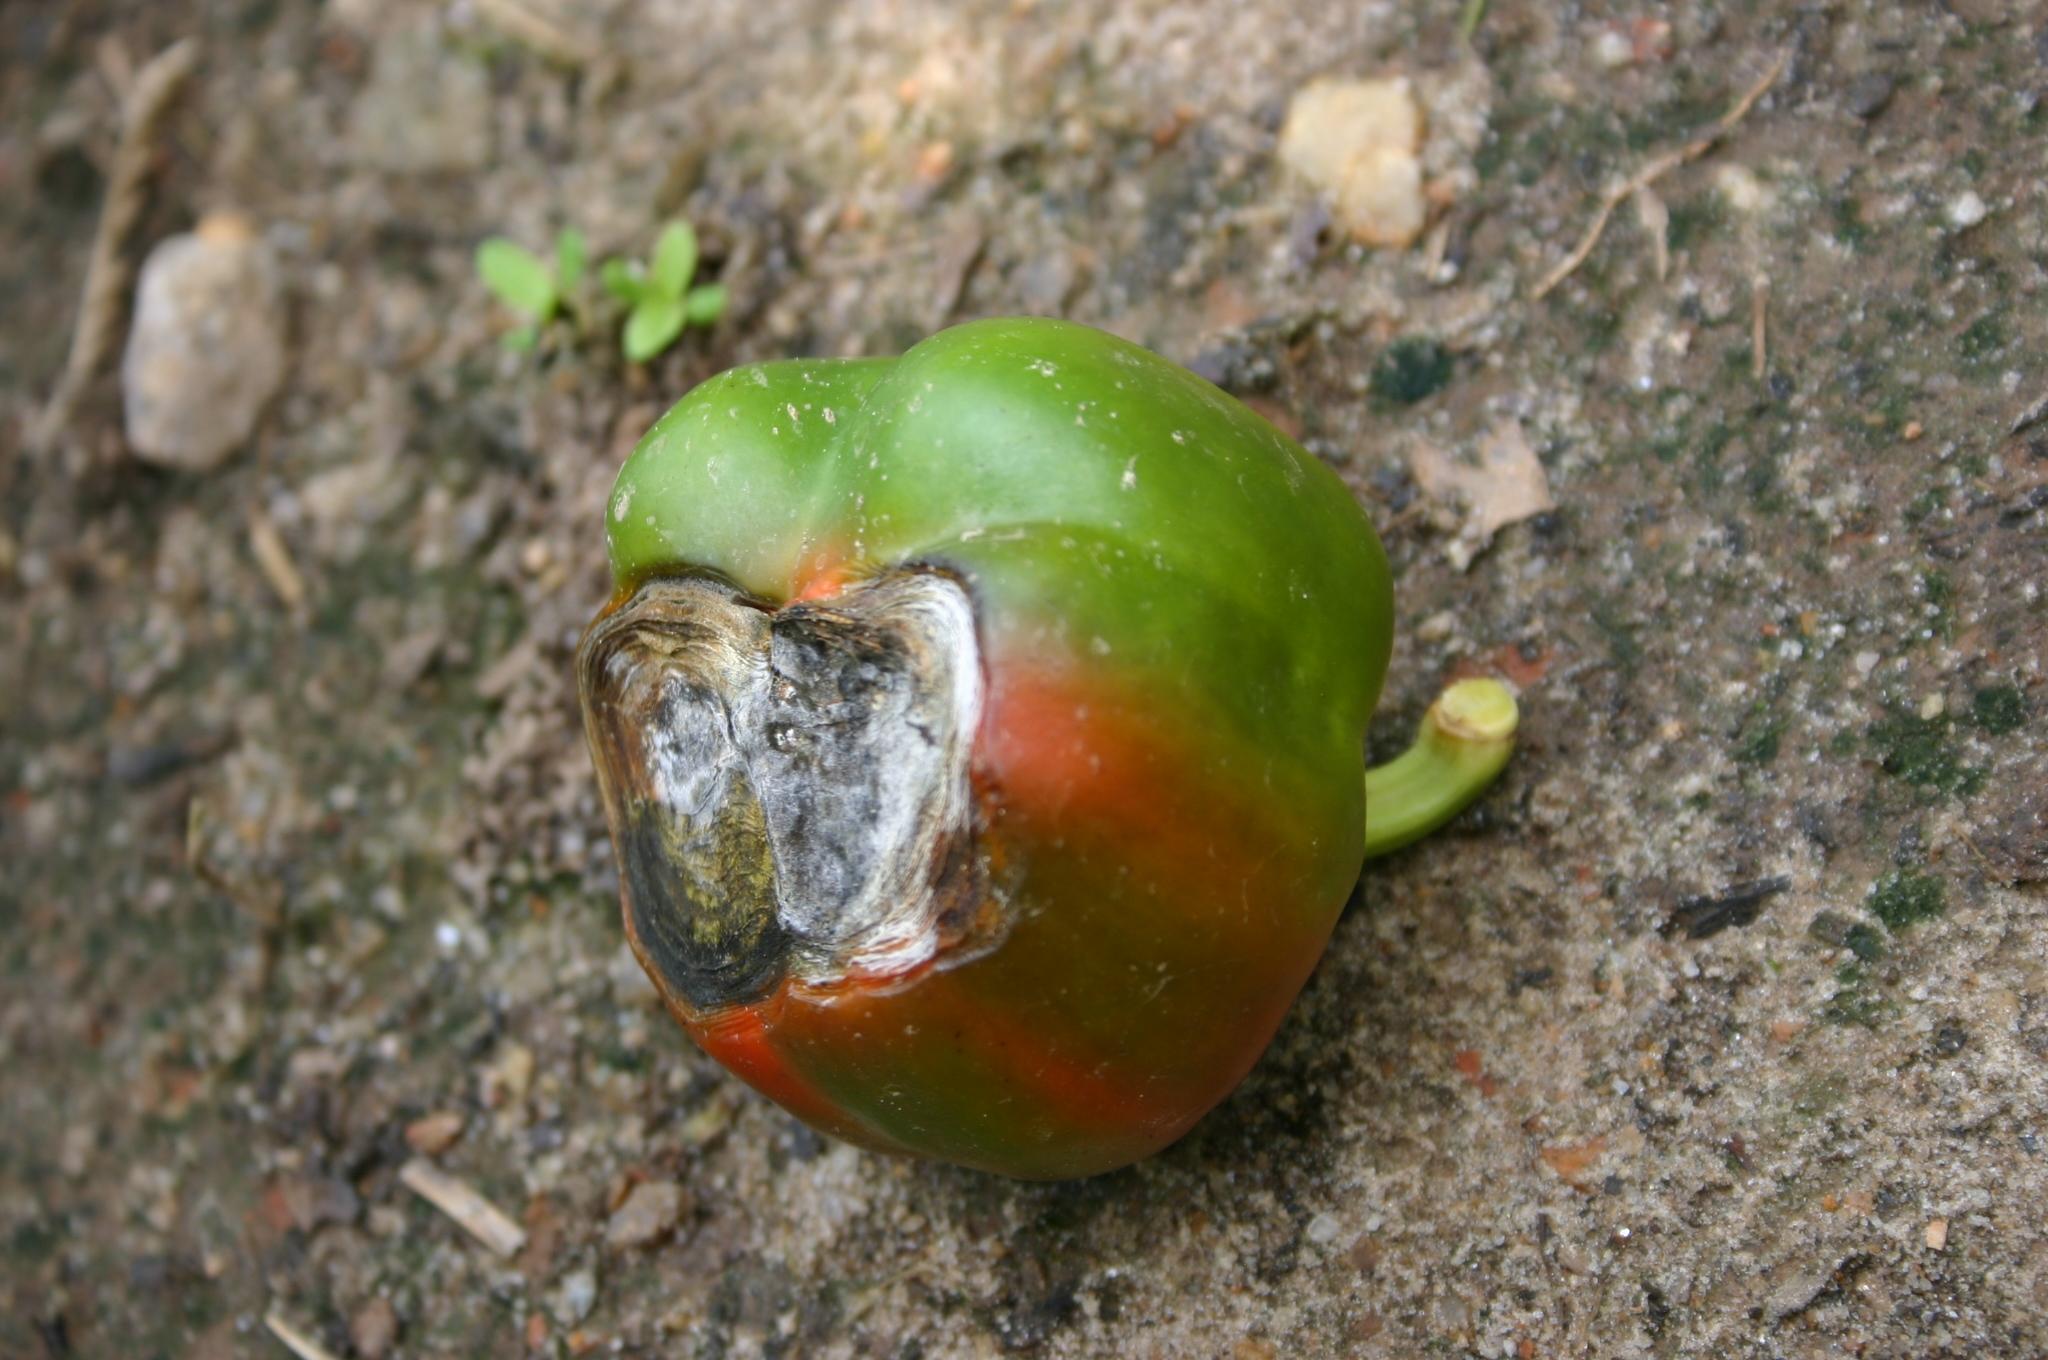 pepper blossom end rot